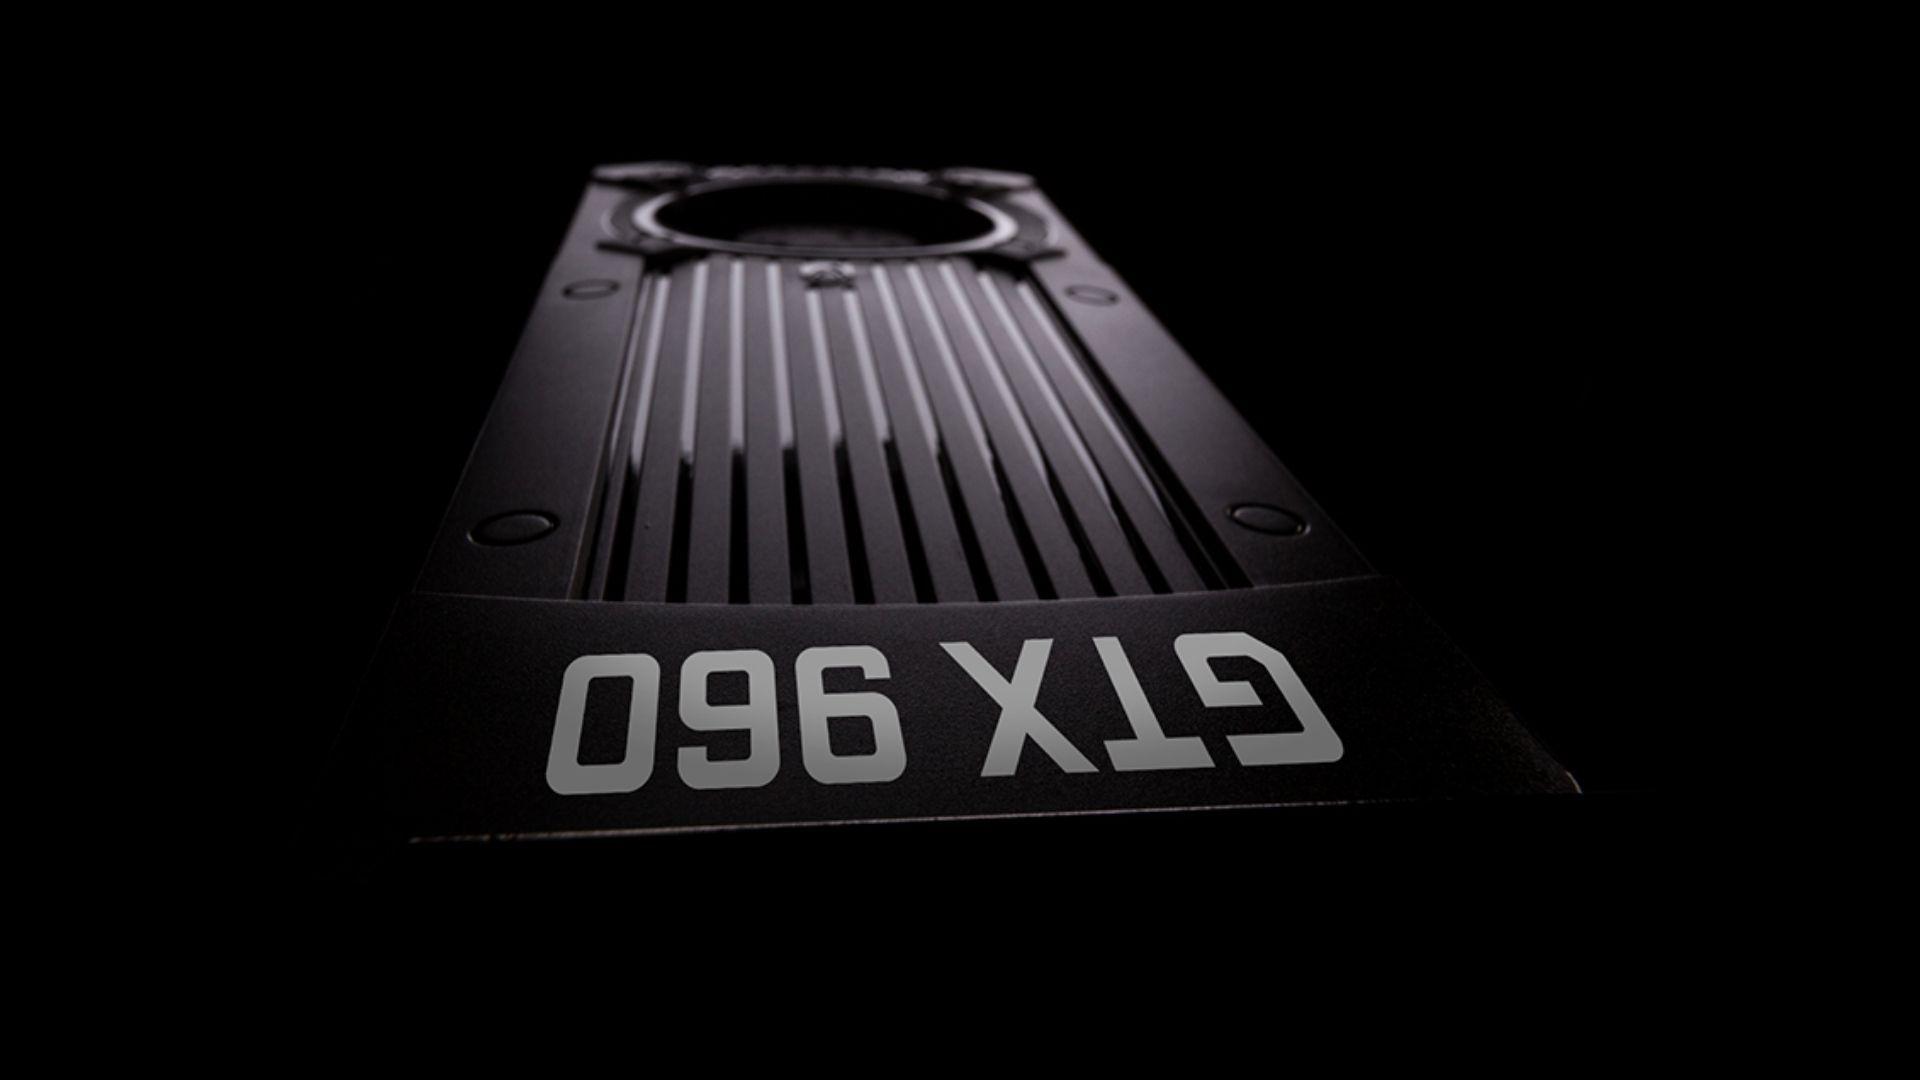 Placa de vídeo GTX 960 preta em close no fundo preto